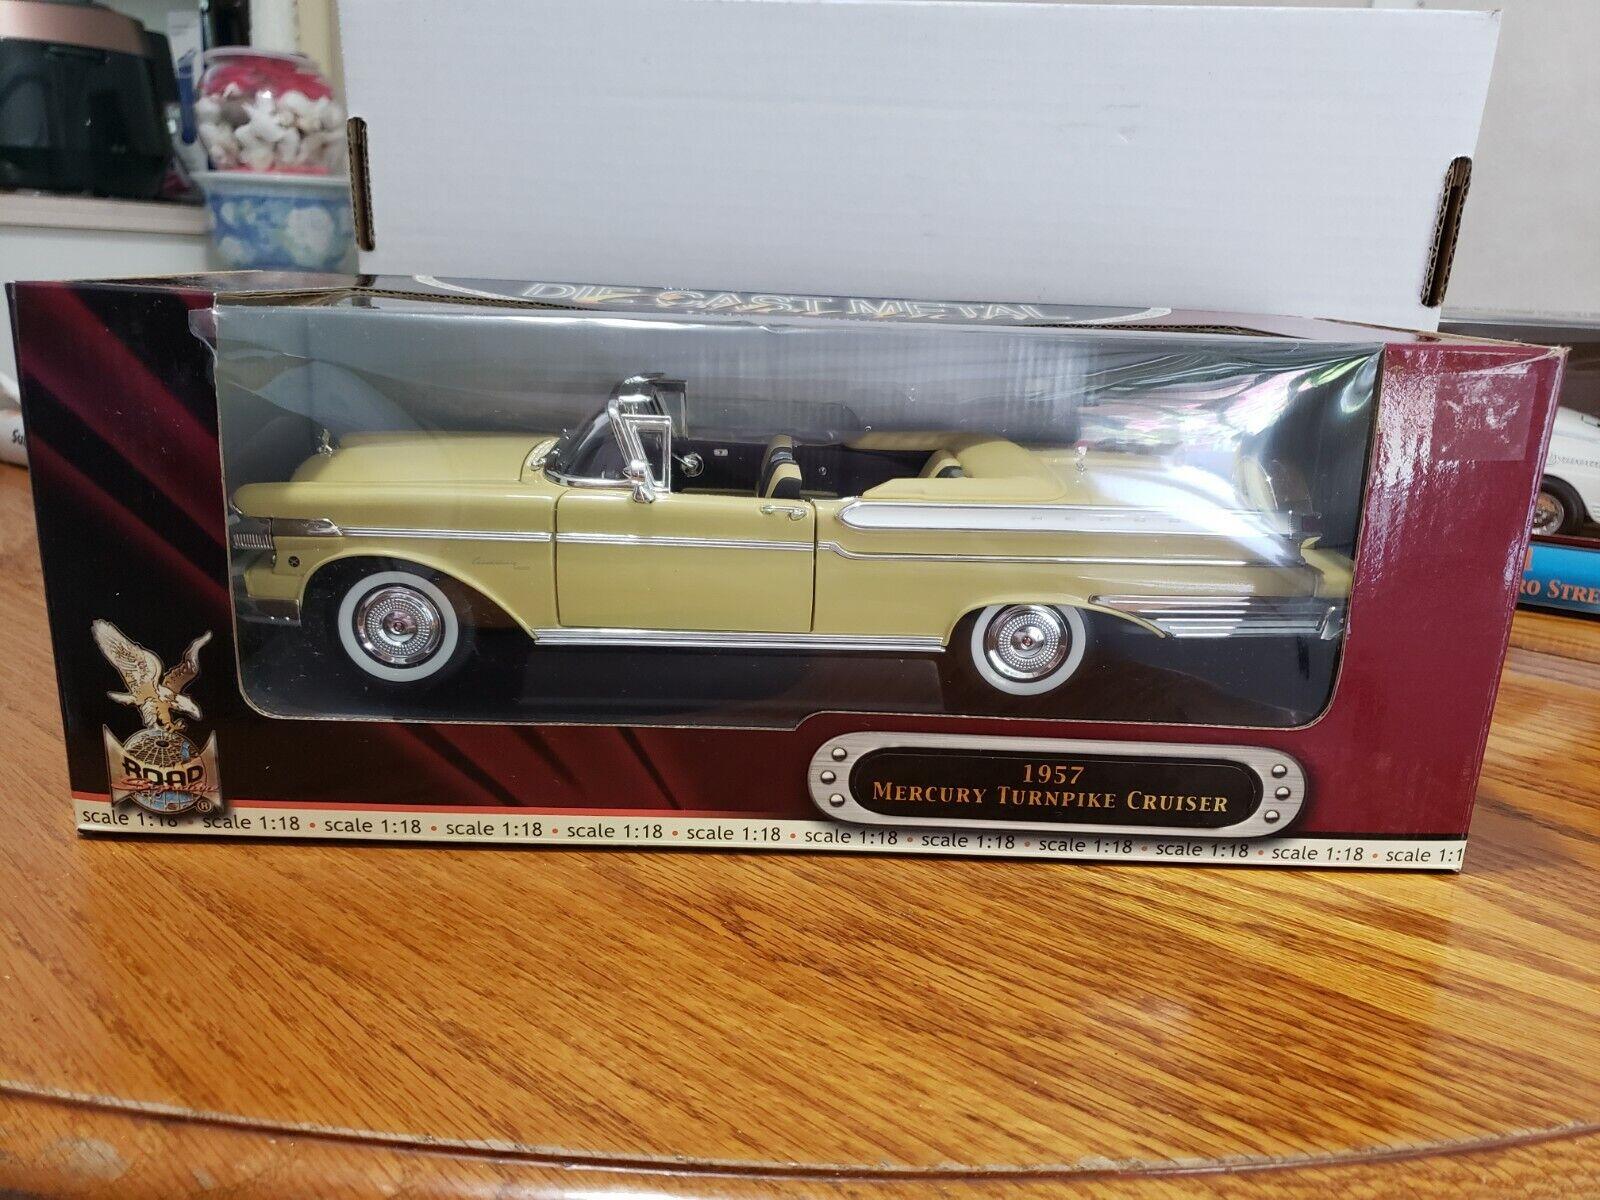 barato y de alta calidad Road Signature Mercury 1957 Turnpike Cruiser 1 1 1 18 Scale Die Cast Deluxe Edition  mejor marca